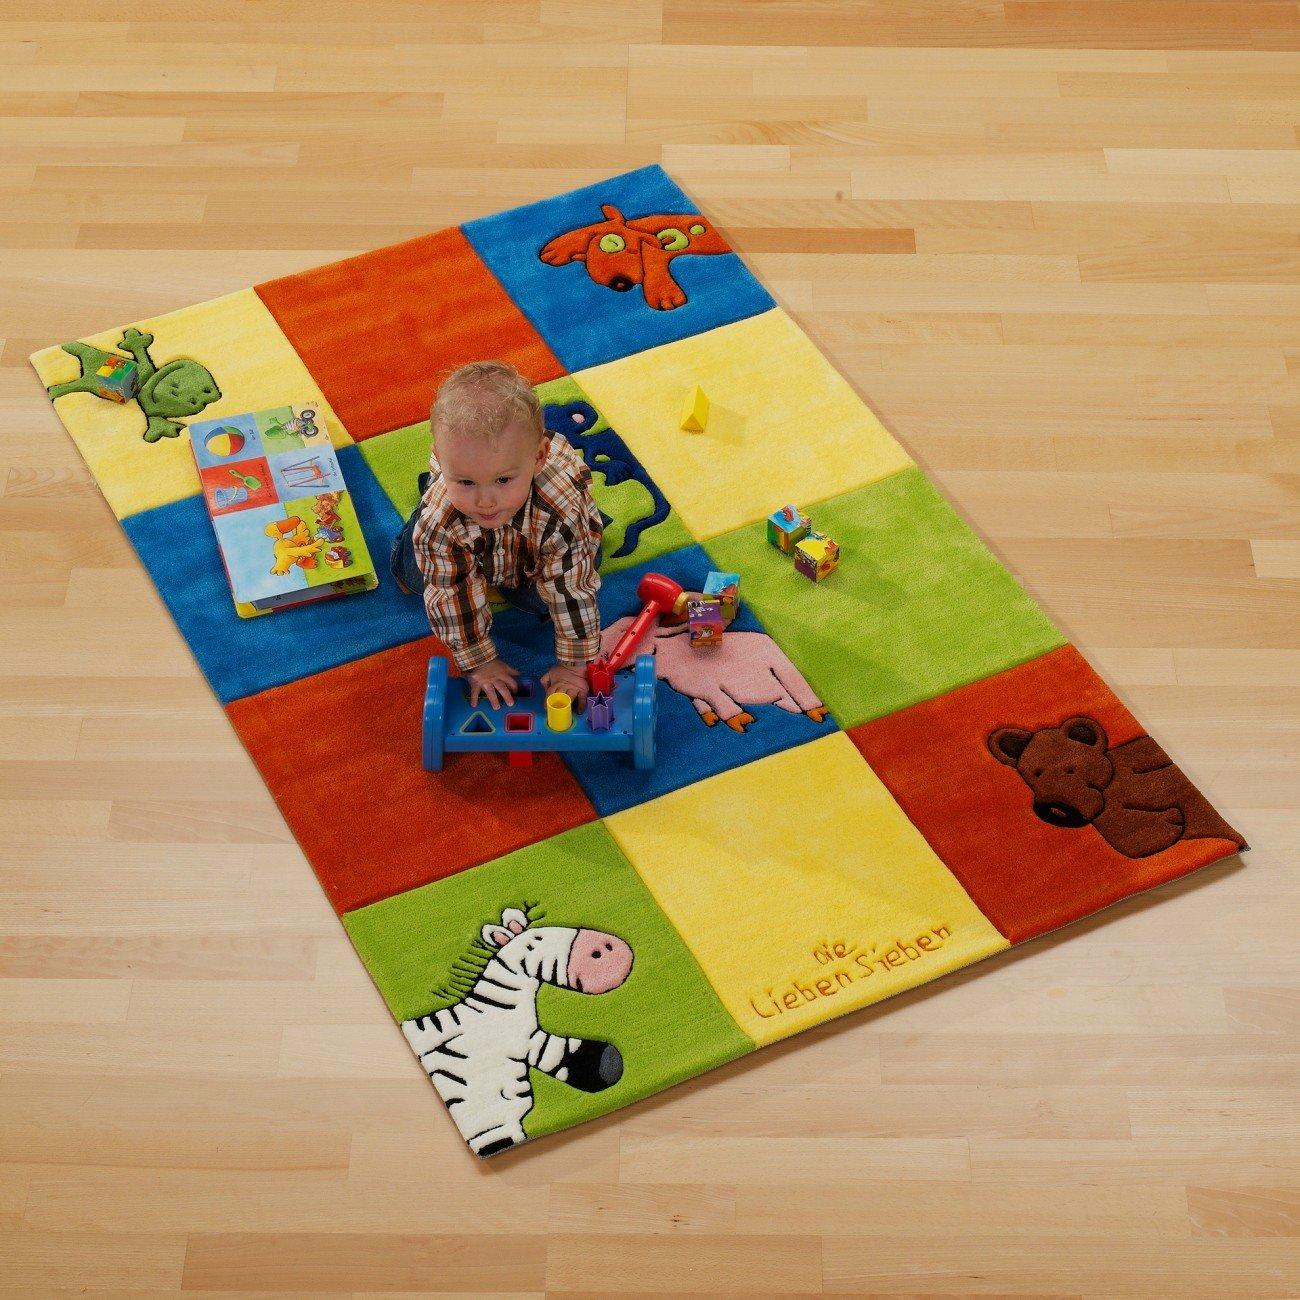 Die lieben Sieben Kinderteppich Karo, Größe (cm):130 x 190cm Kinderteppich kinderland24 Spielteppich